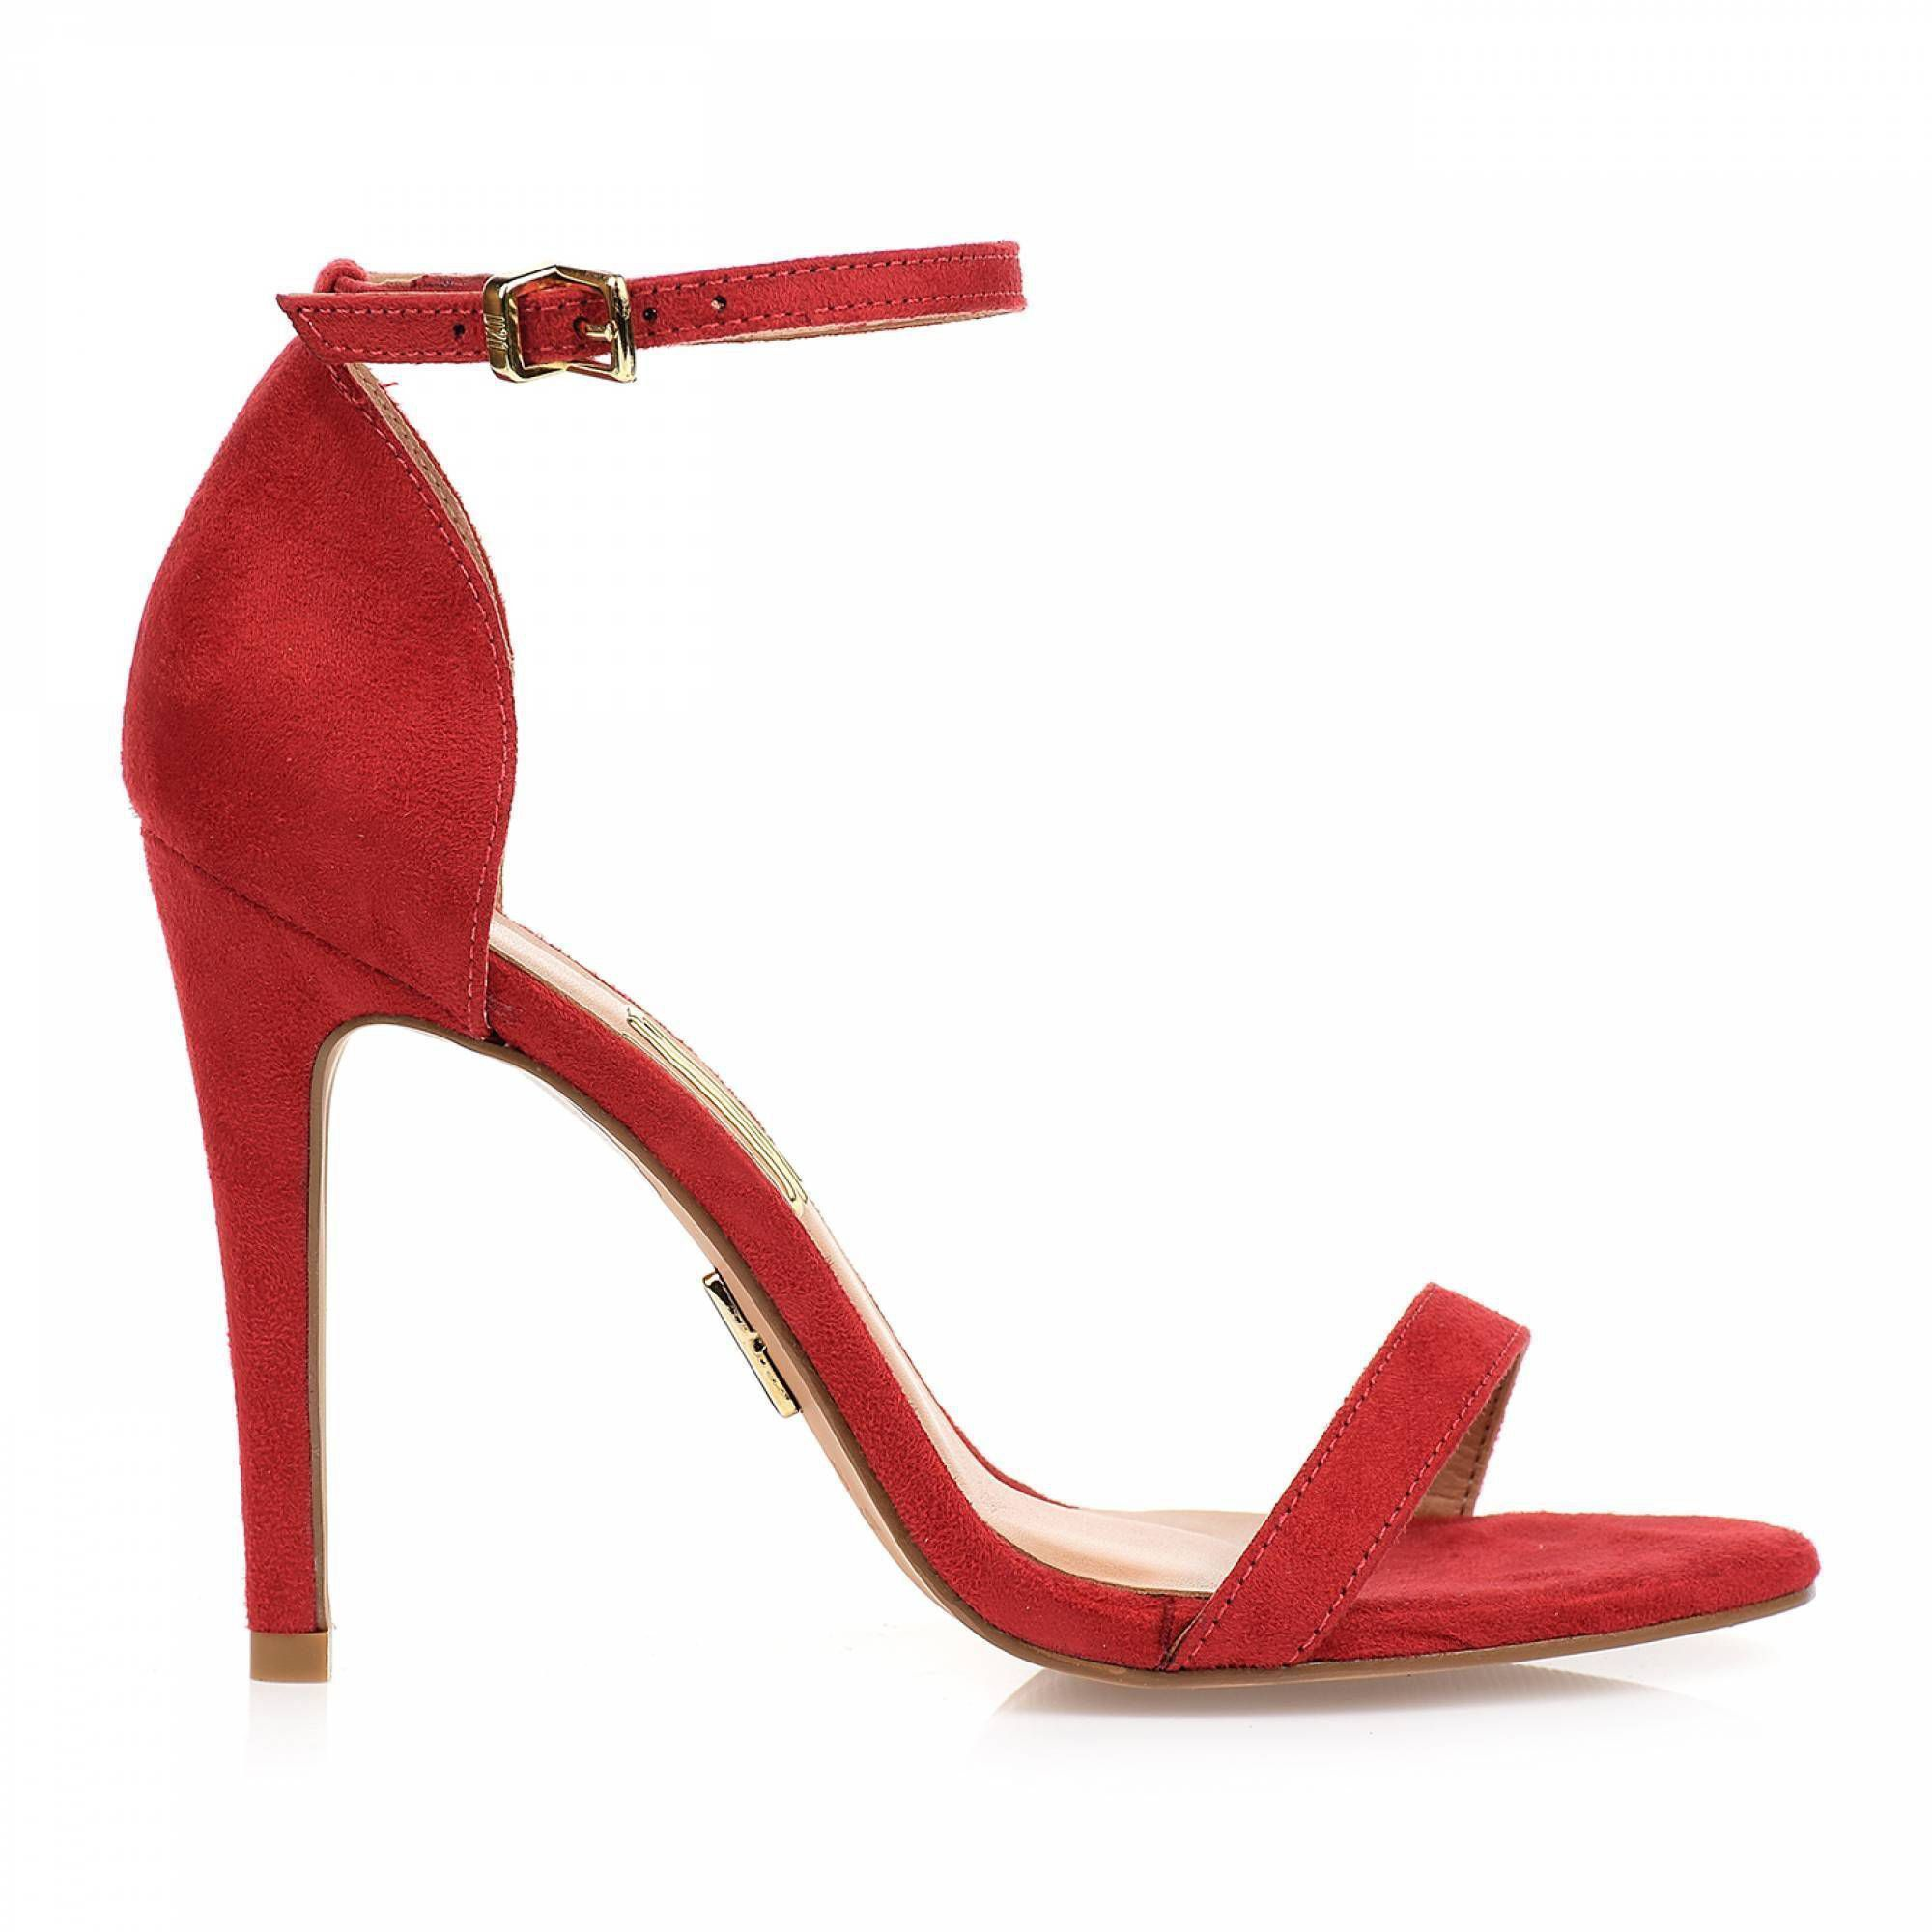 Sandália Salto Alto Camurça Scarlet